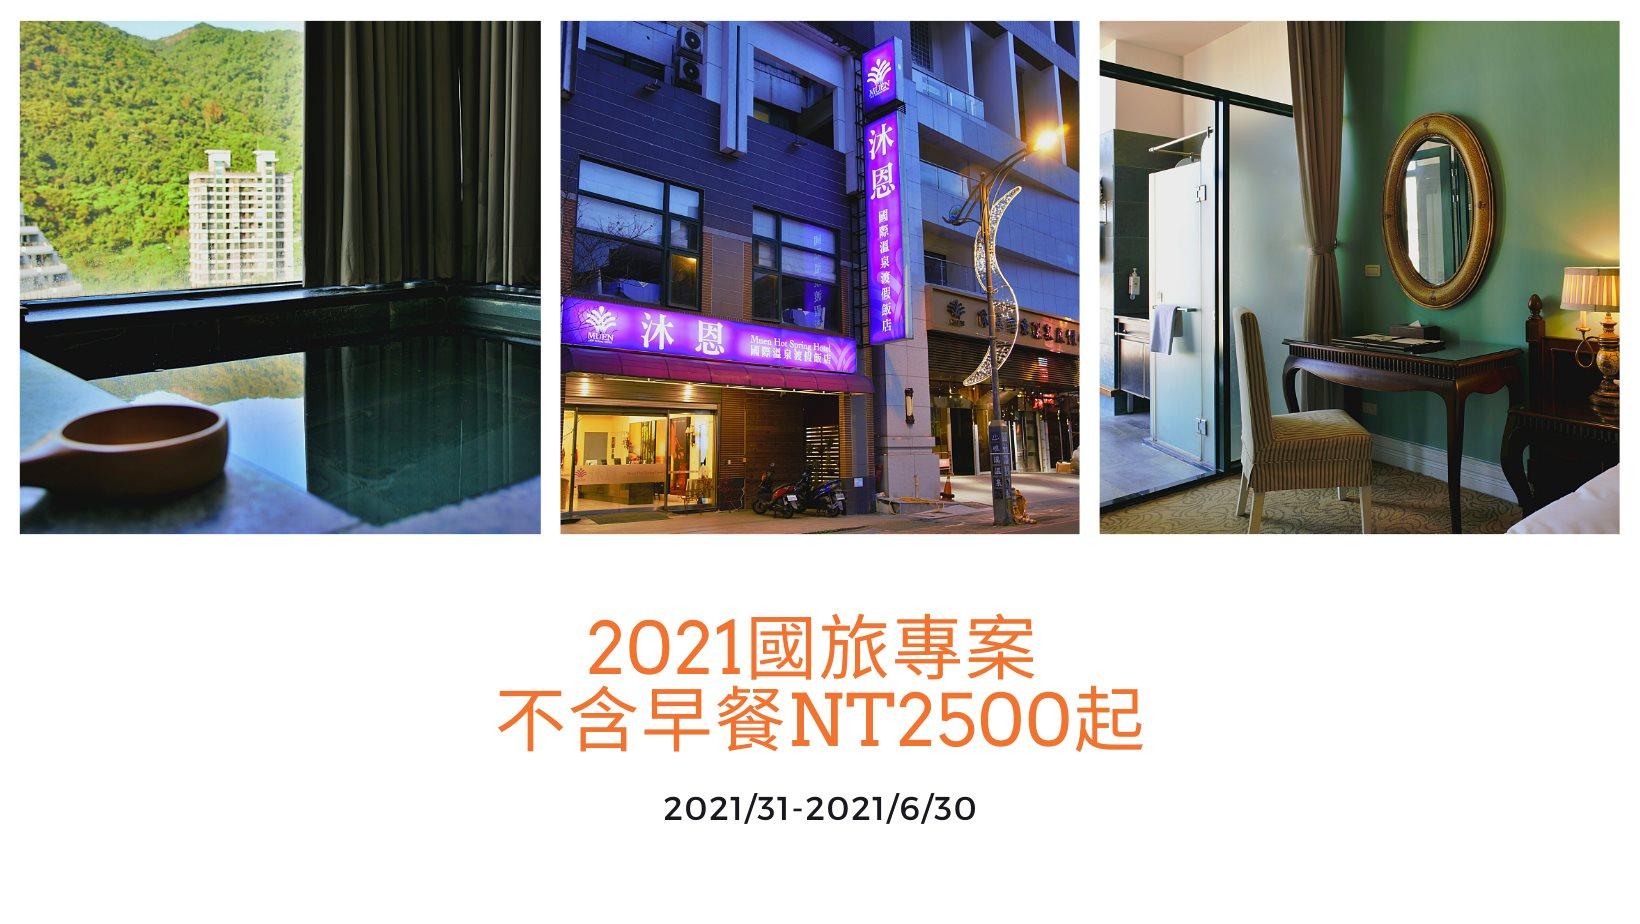 國旅2021住宿專案,平日NT2500起。